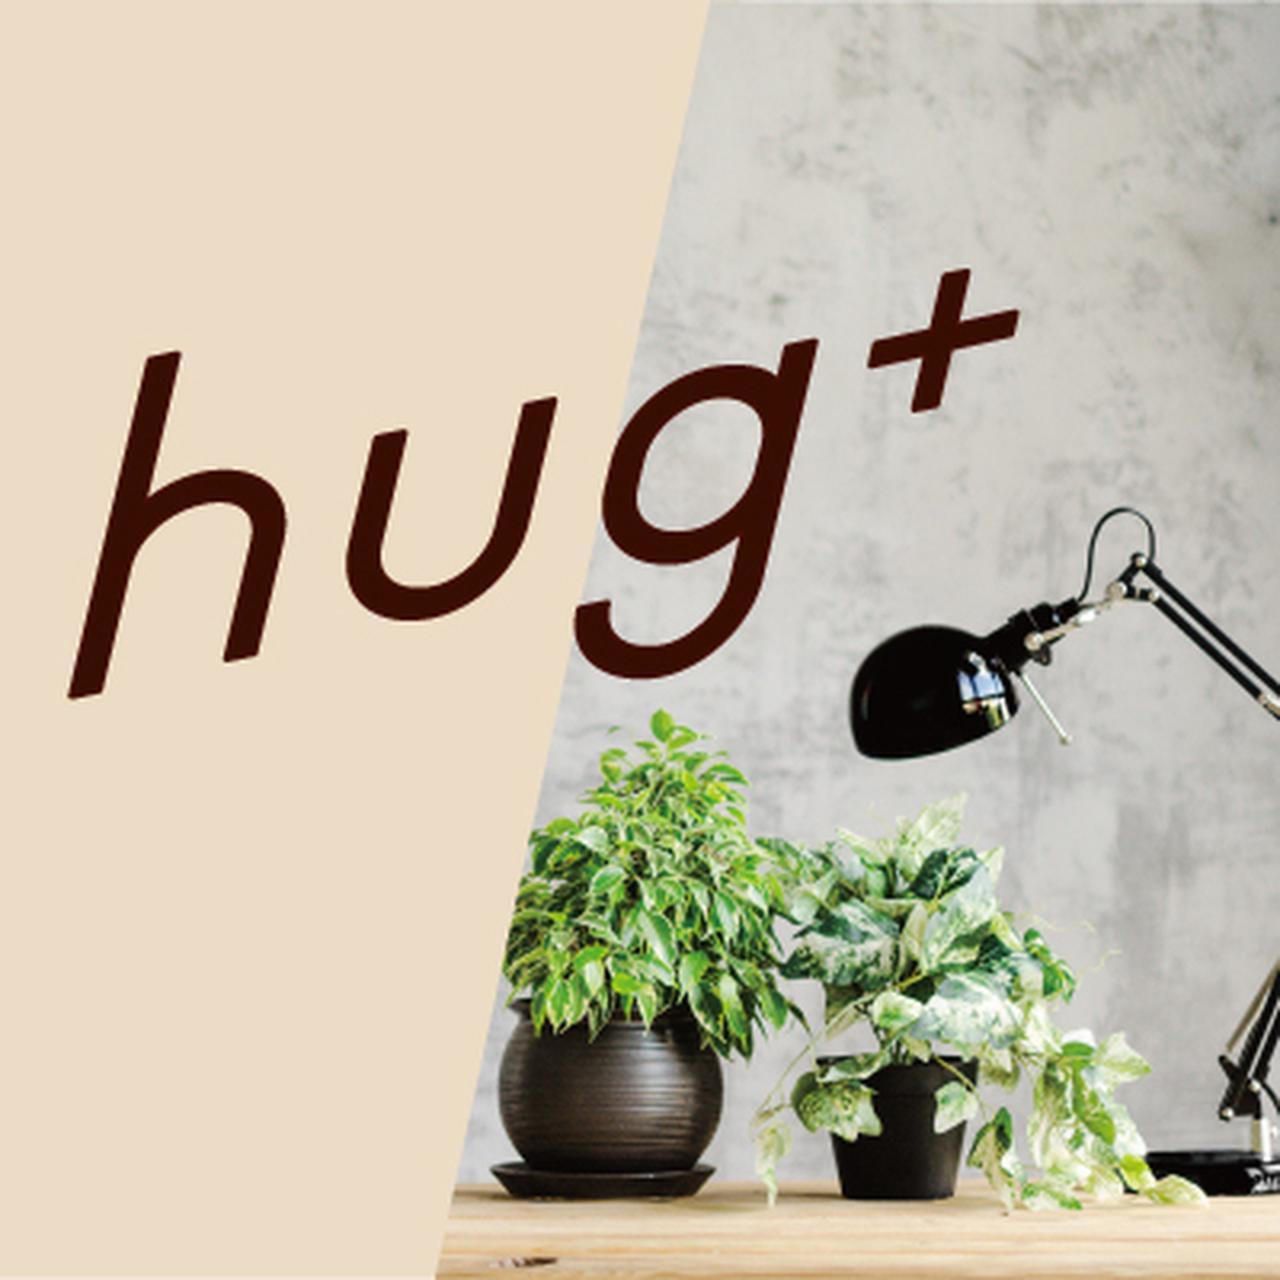 画像: 4月17日の『hug+』!!